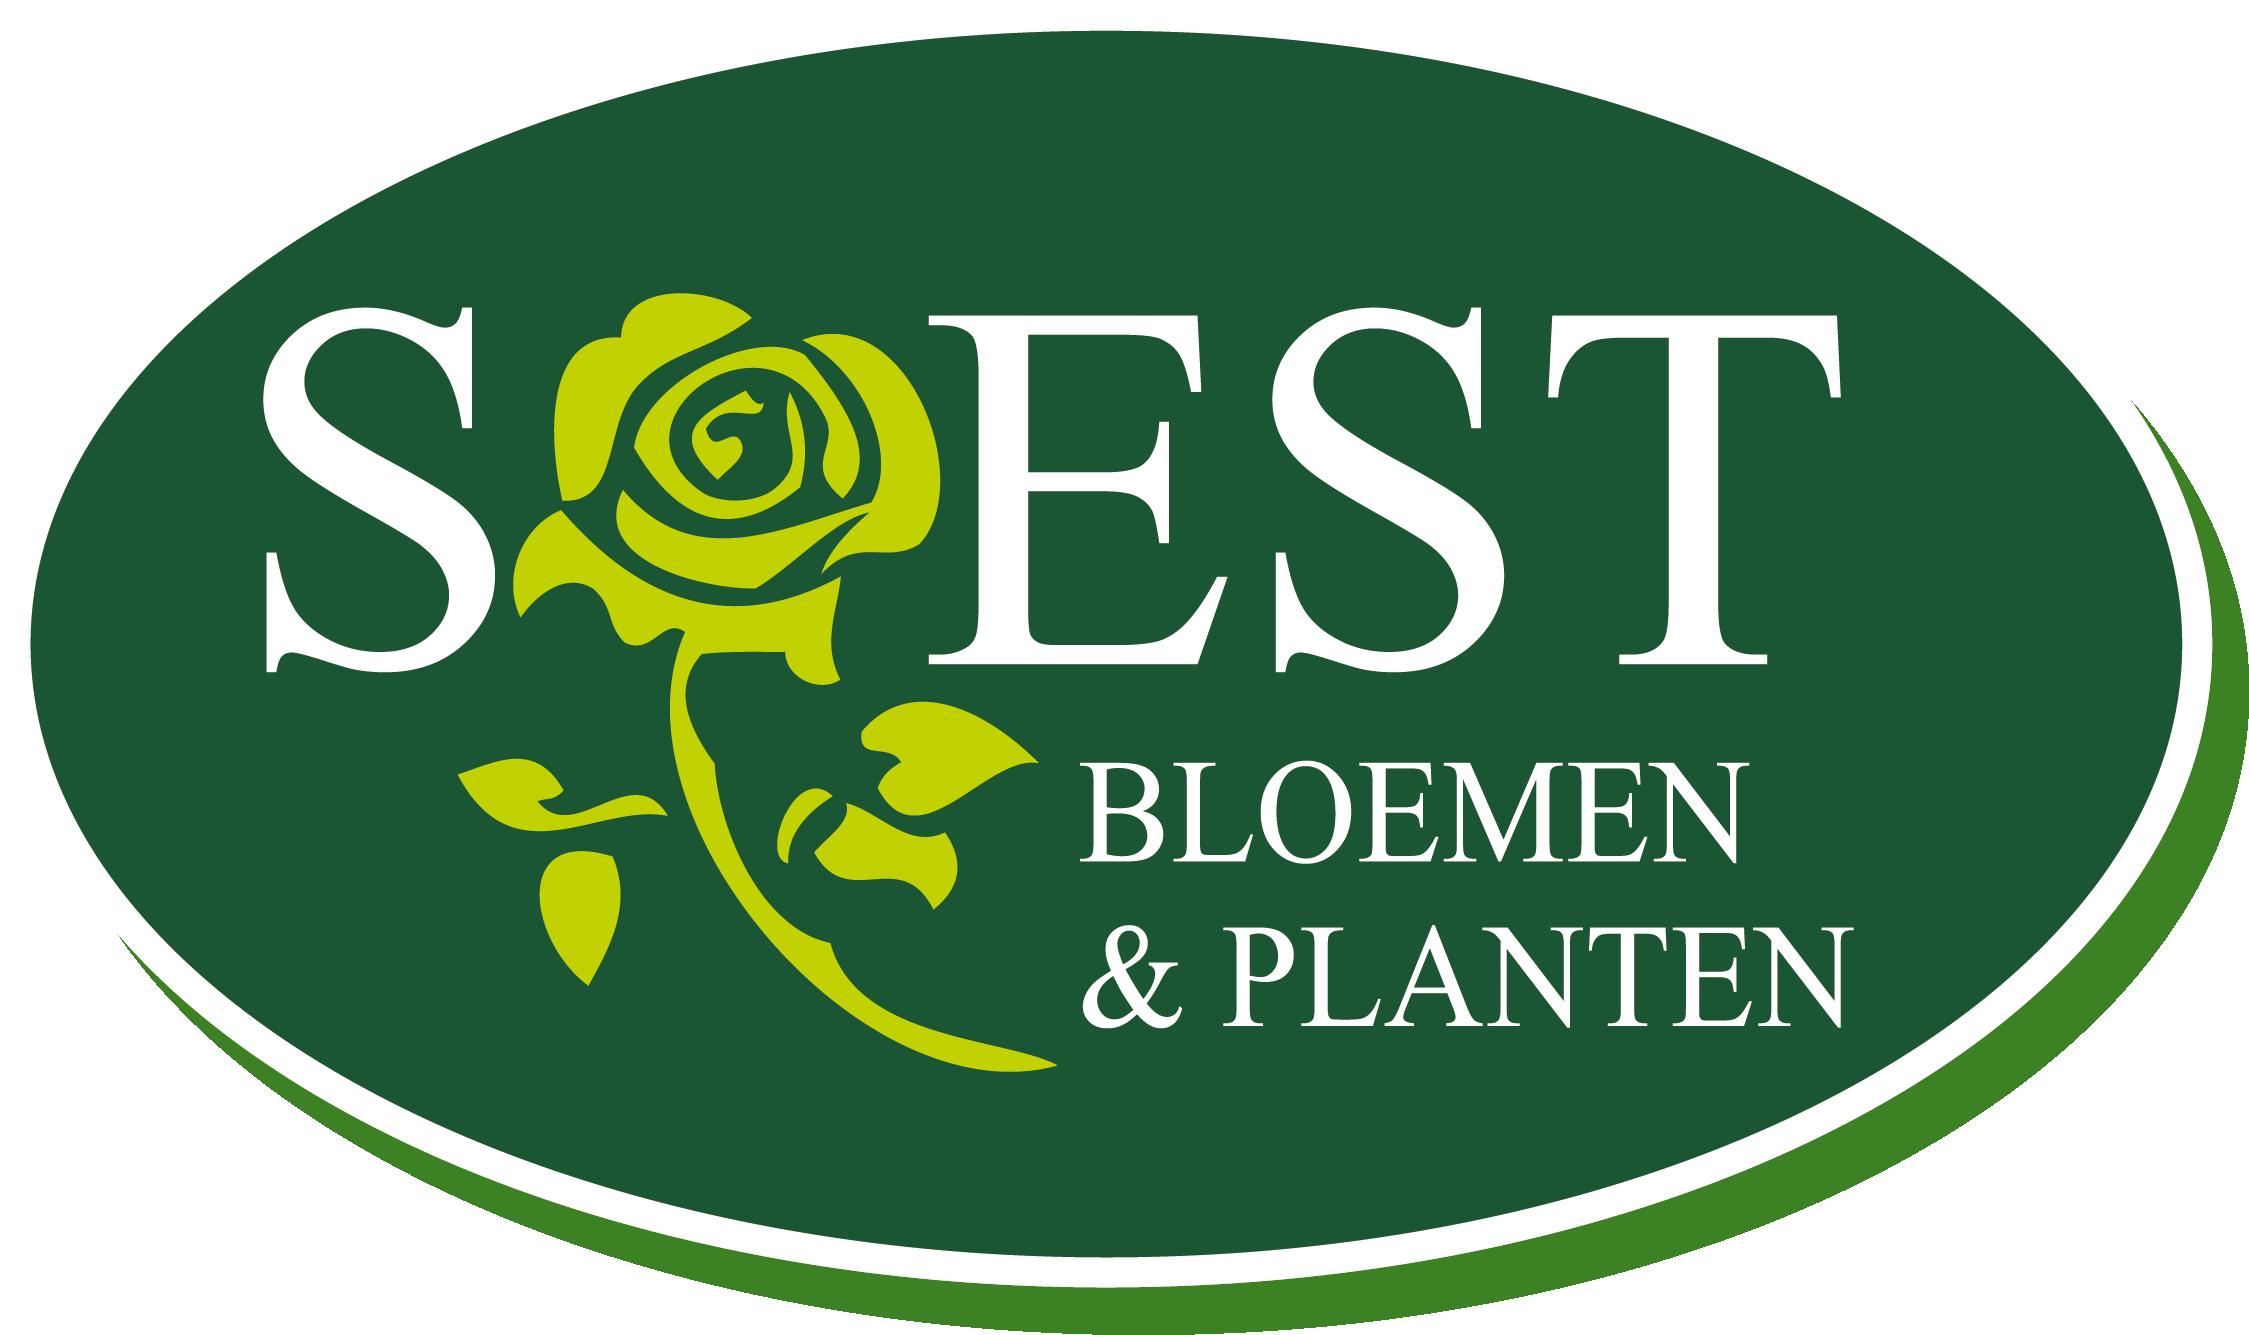 Soest Bloemen & Planten